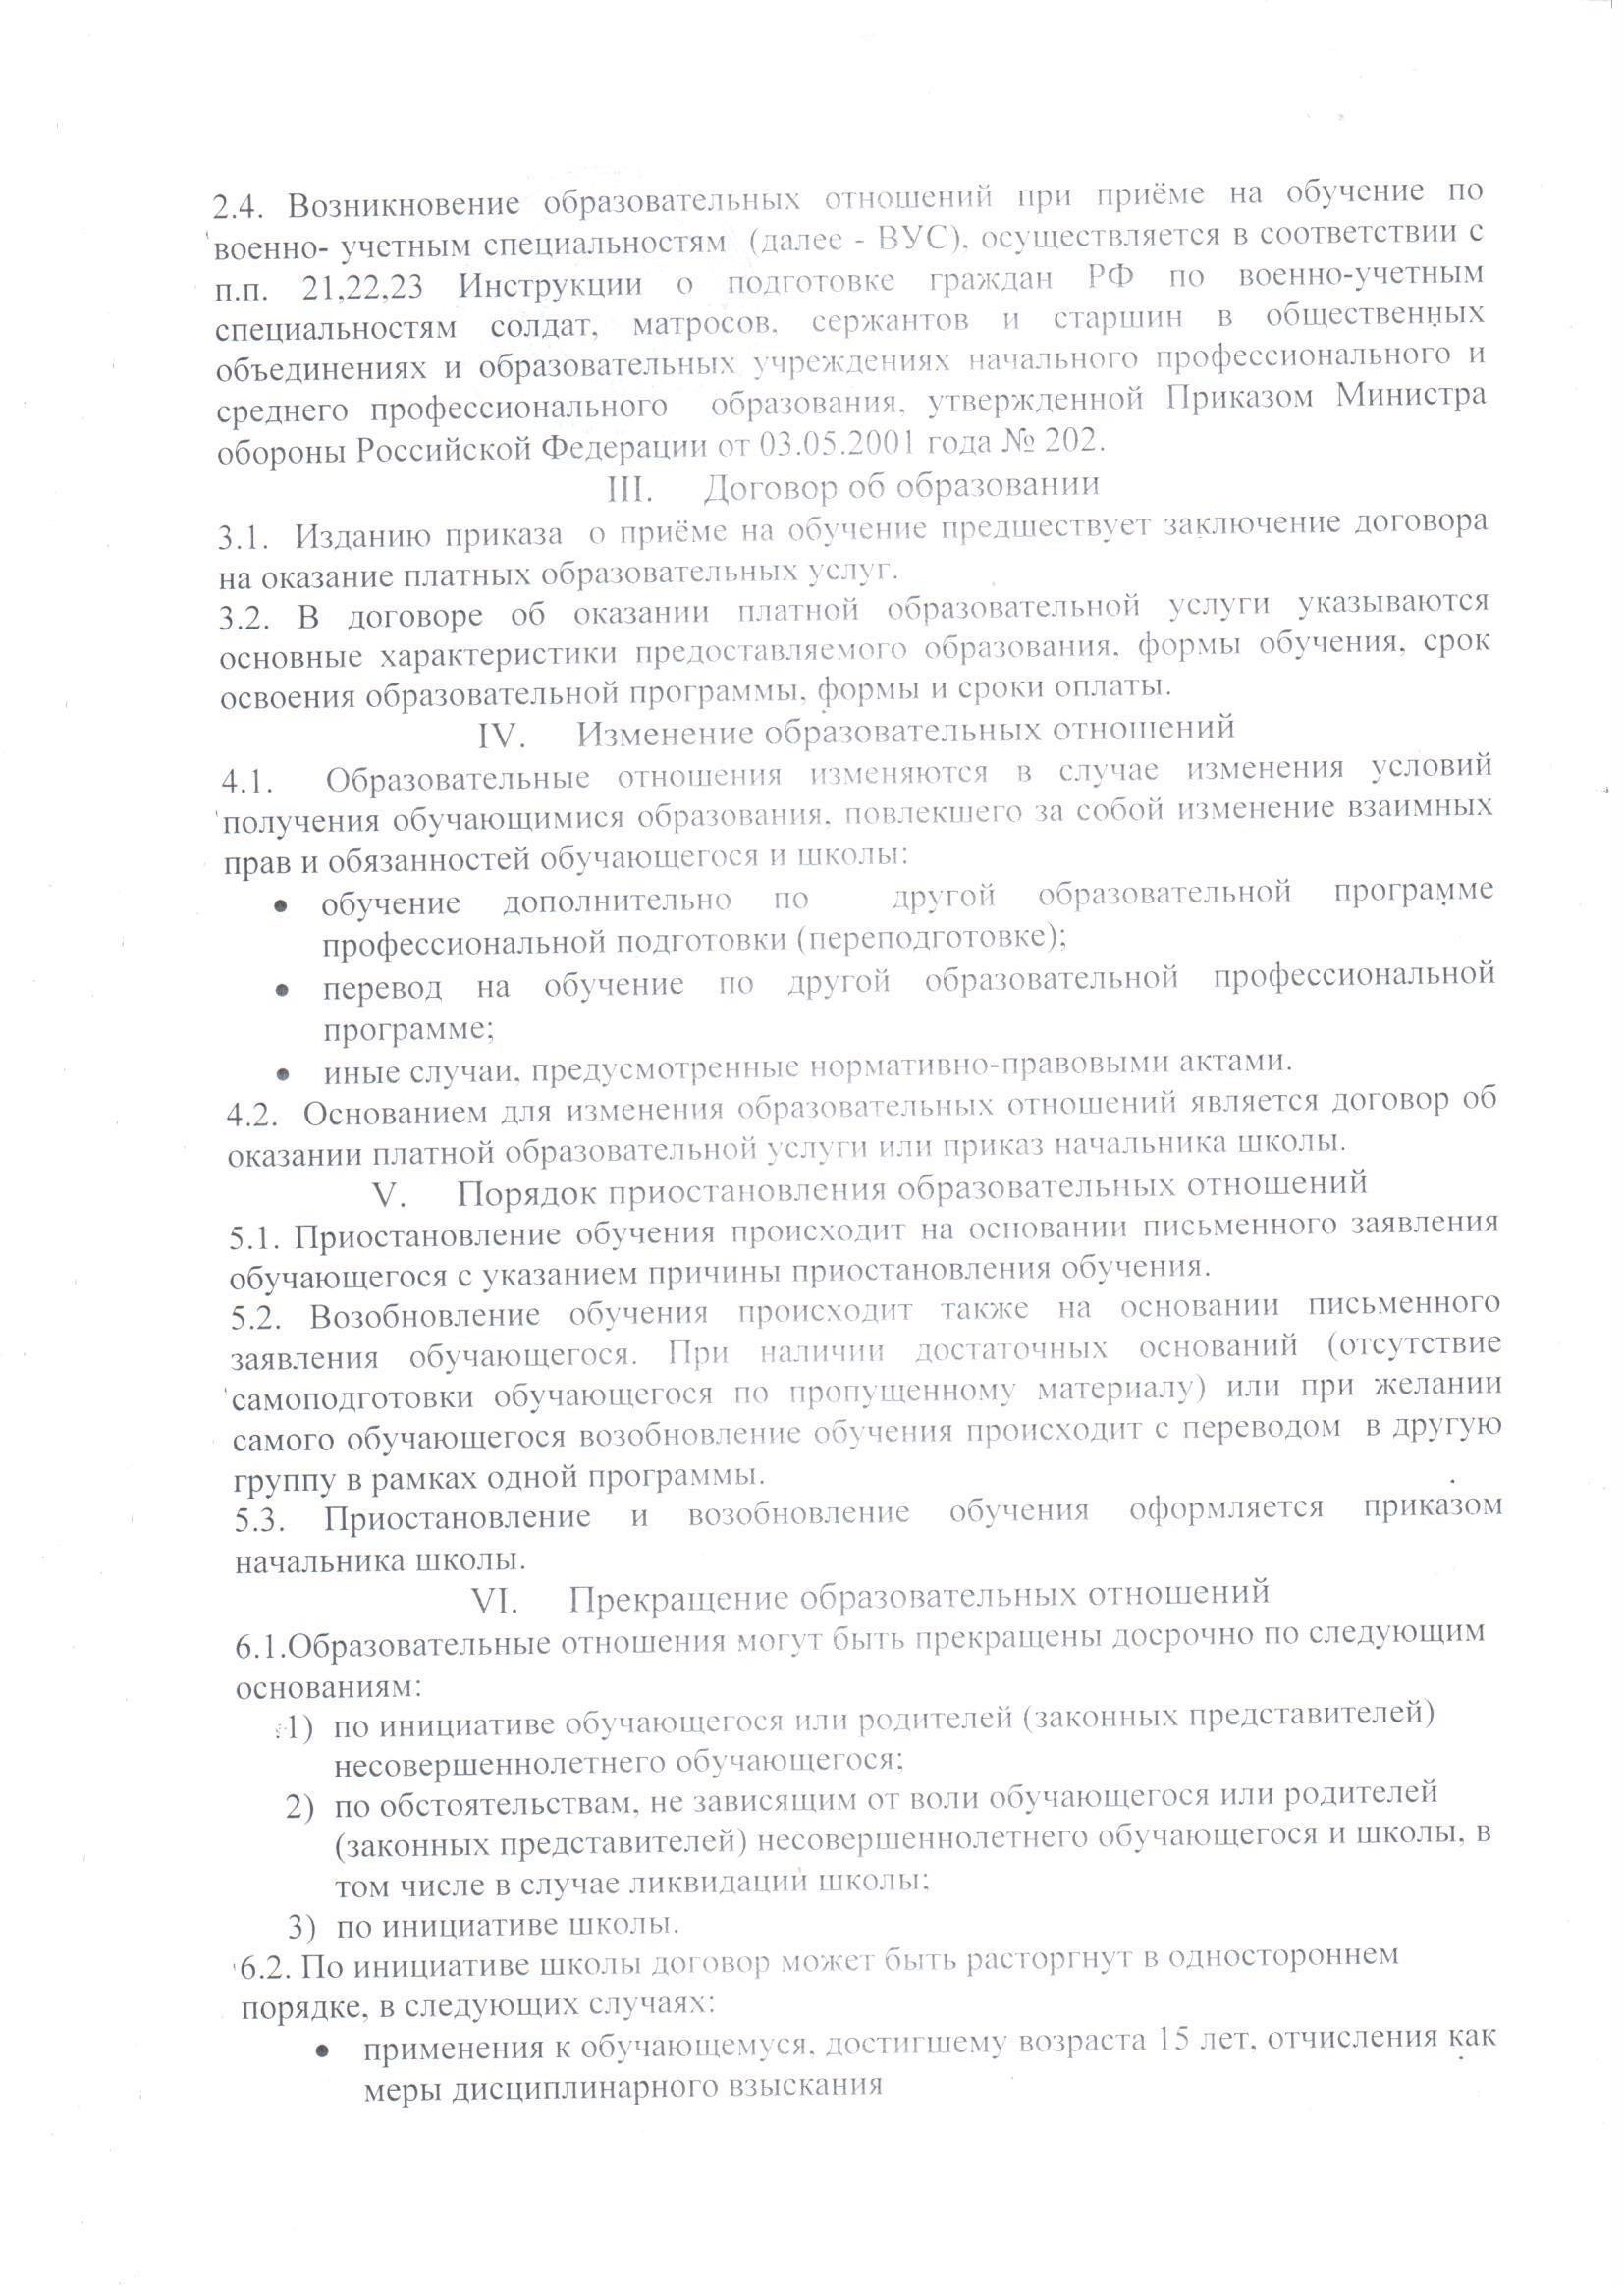 положение о порядке оформления  образовательных отношений0002